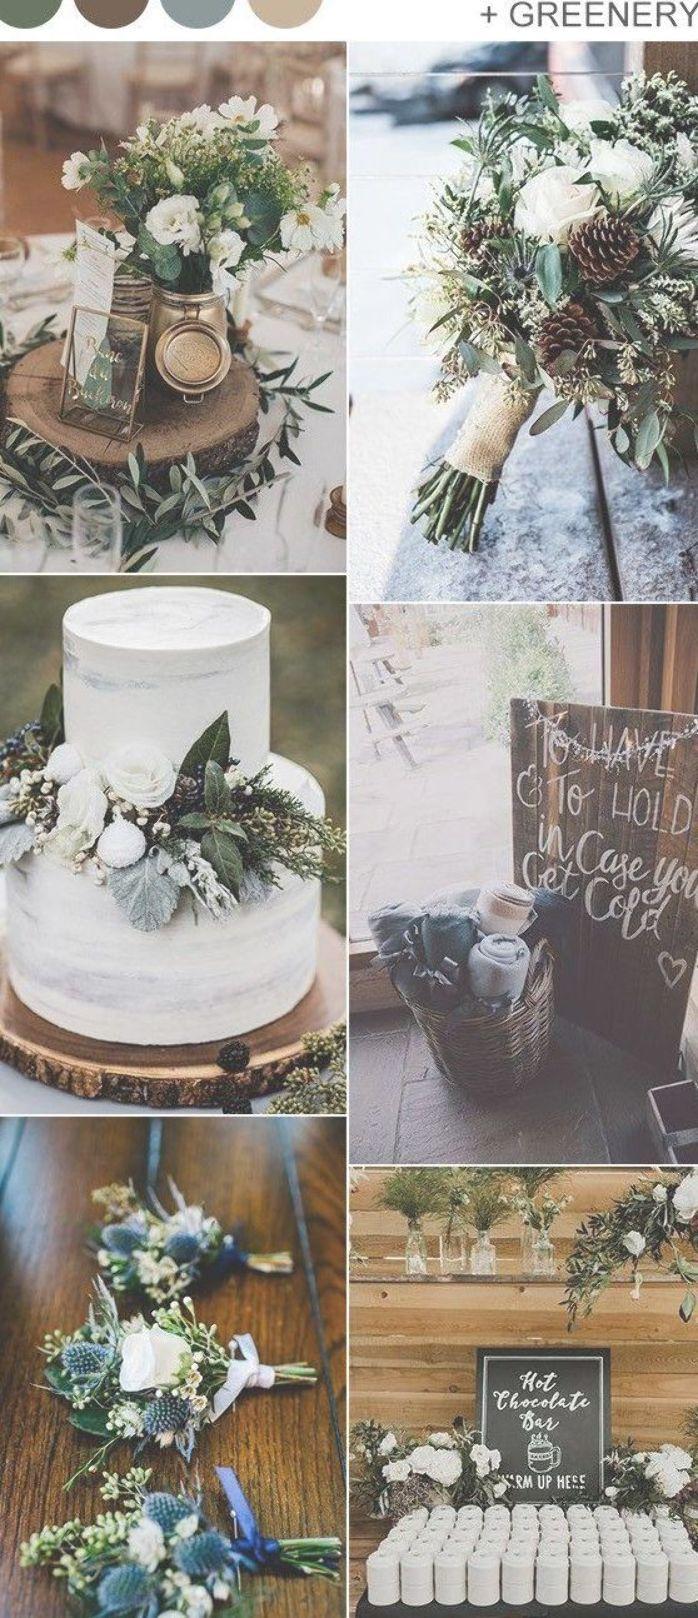 rustikale Wald- und Grünwinterhochzeits-Farbideen   – garden wedding ideas